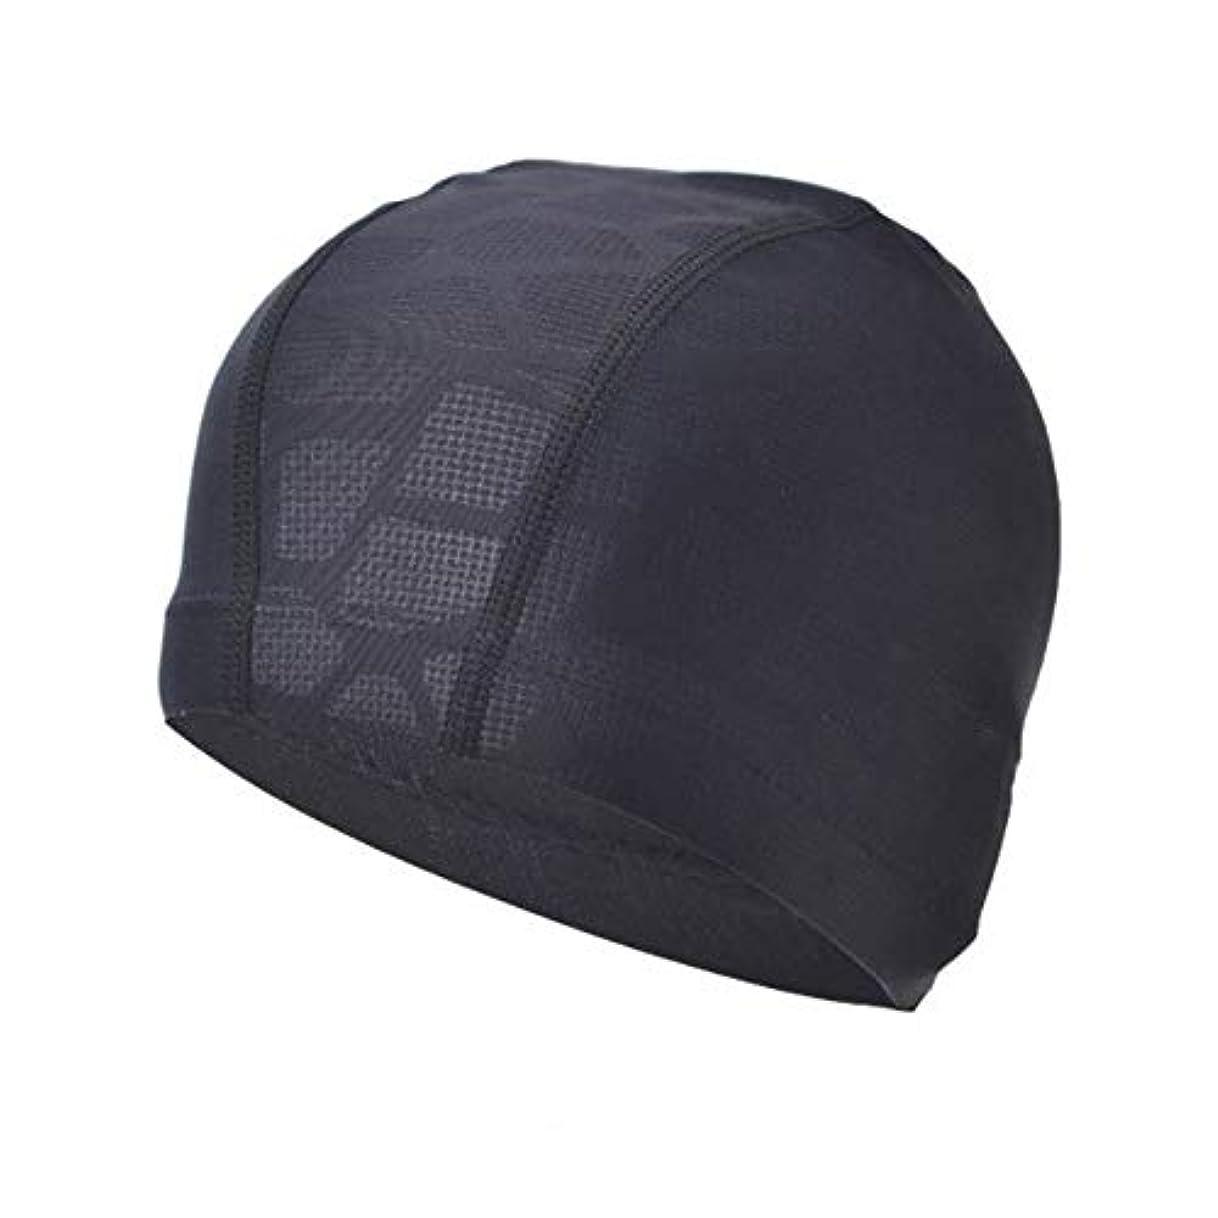 彼女自身王位司法水泳帽 大人のナイロン高弾性コンフォート防水快適な布ウォーターキューブ水泳帽ワンサイズ 水着素材 シンプル 無地 水泳 (Color : Black, Size : Free size)